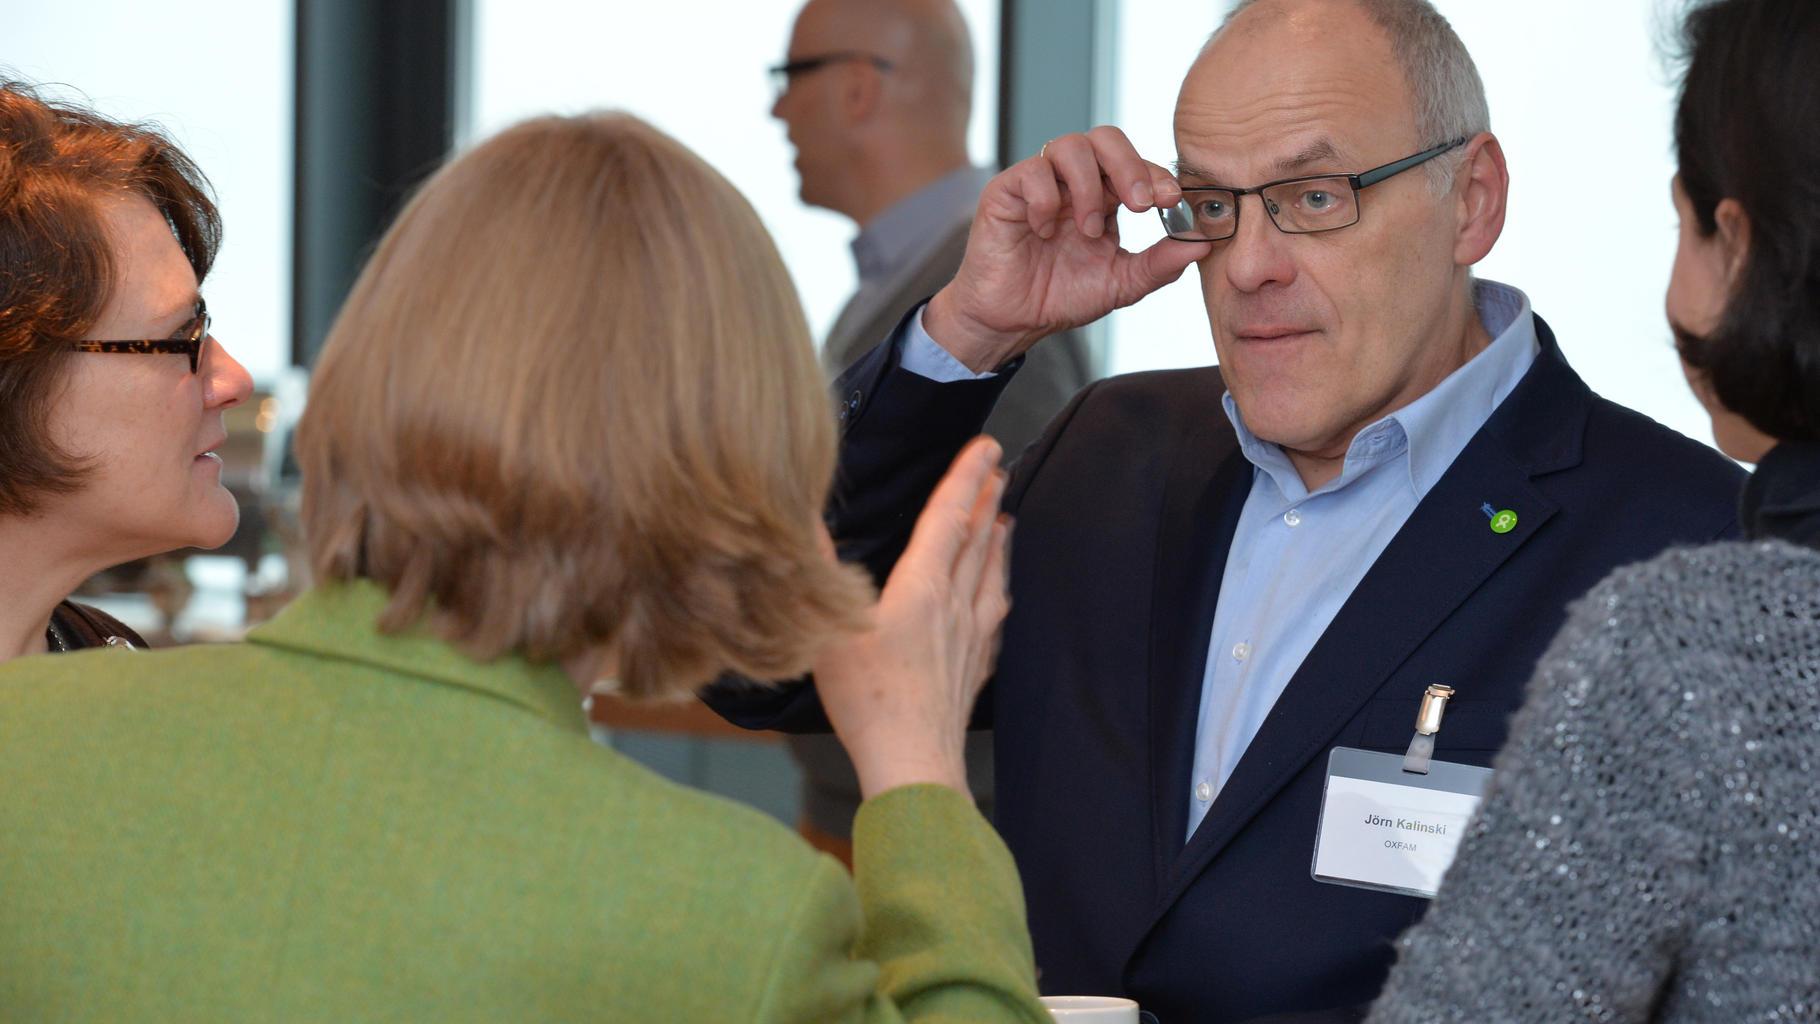 Teilnehmer/innen des Expertengesprächs diskutieren.